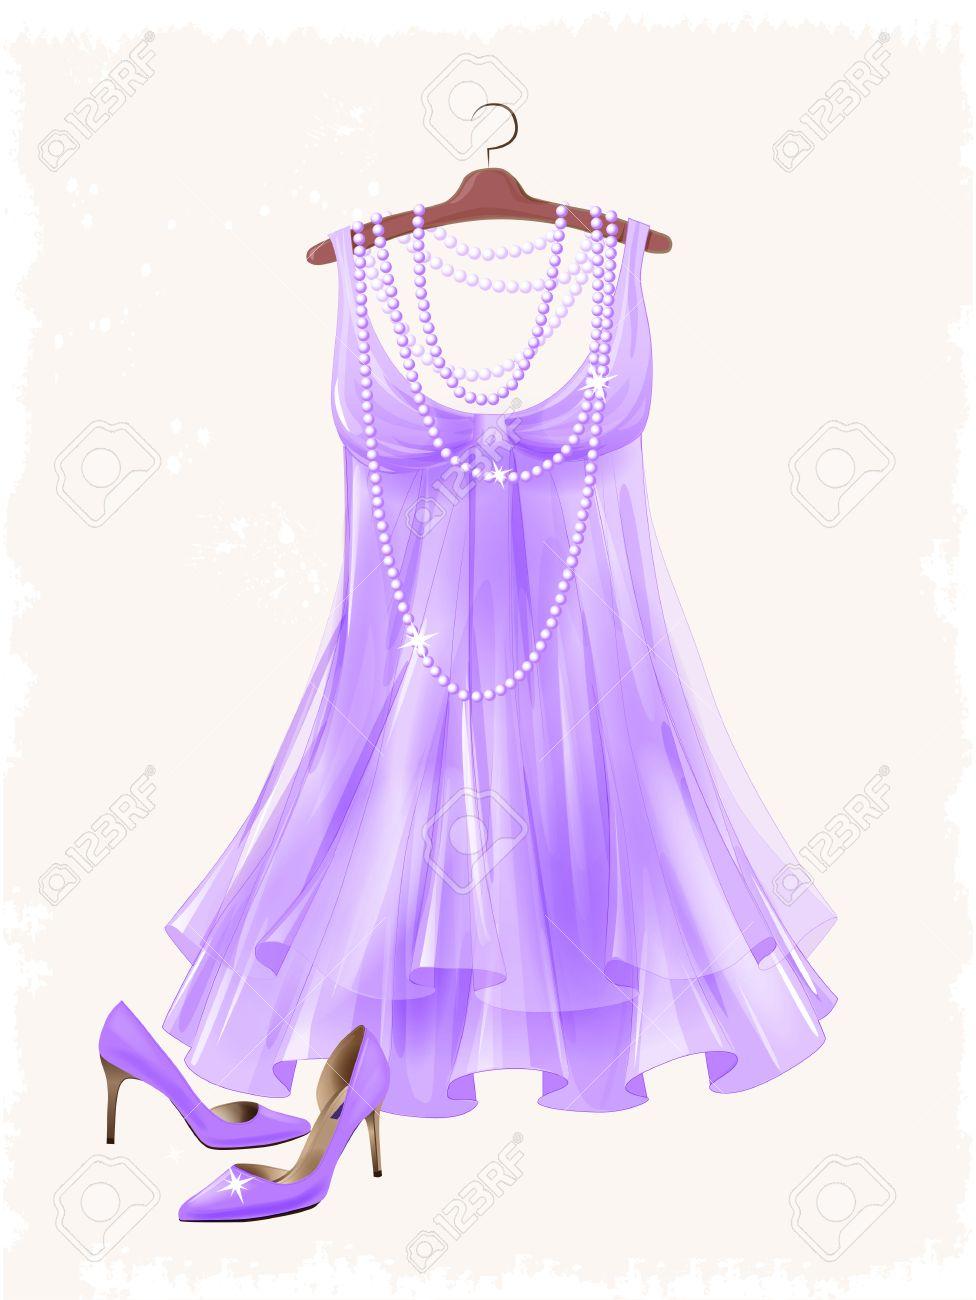 73753434 Vestido De Seda Color Lila De La Vendimia Y Los Zapatos De Tacón Alto.  Vestir Y Calzado Para La Fiesta. Para Mujer Festivas Vestimenta Y  Accesorios.